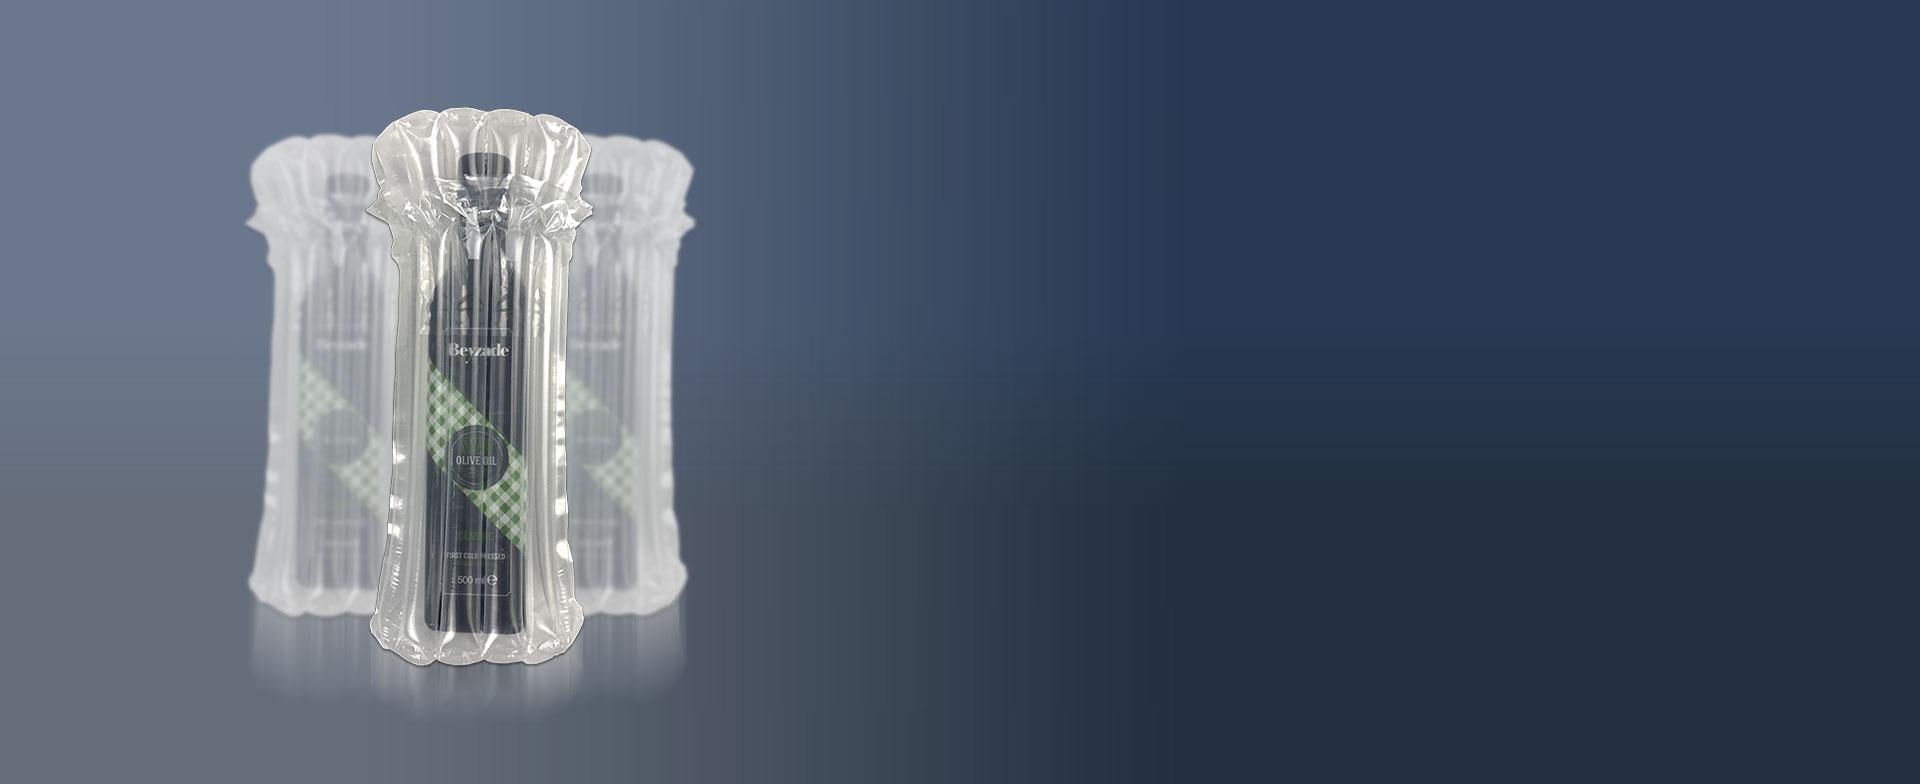 保護包装溶液